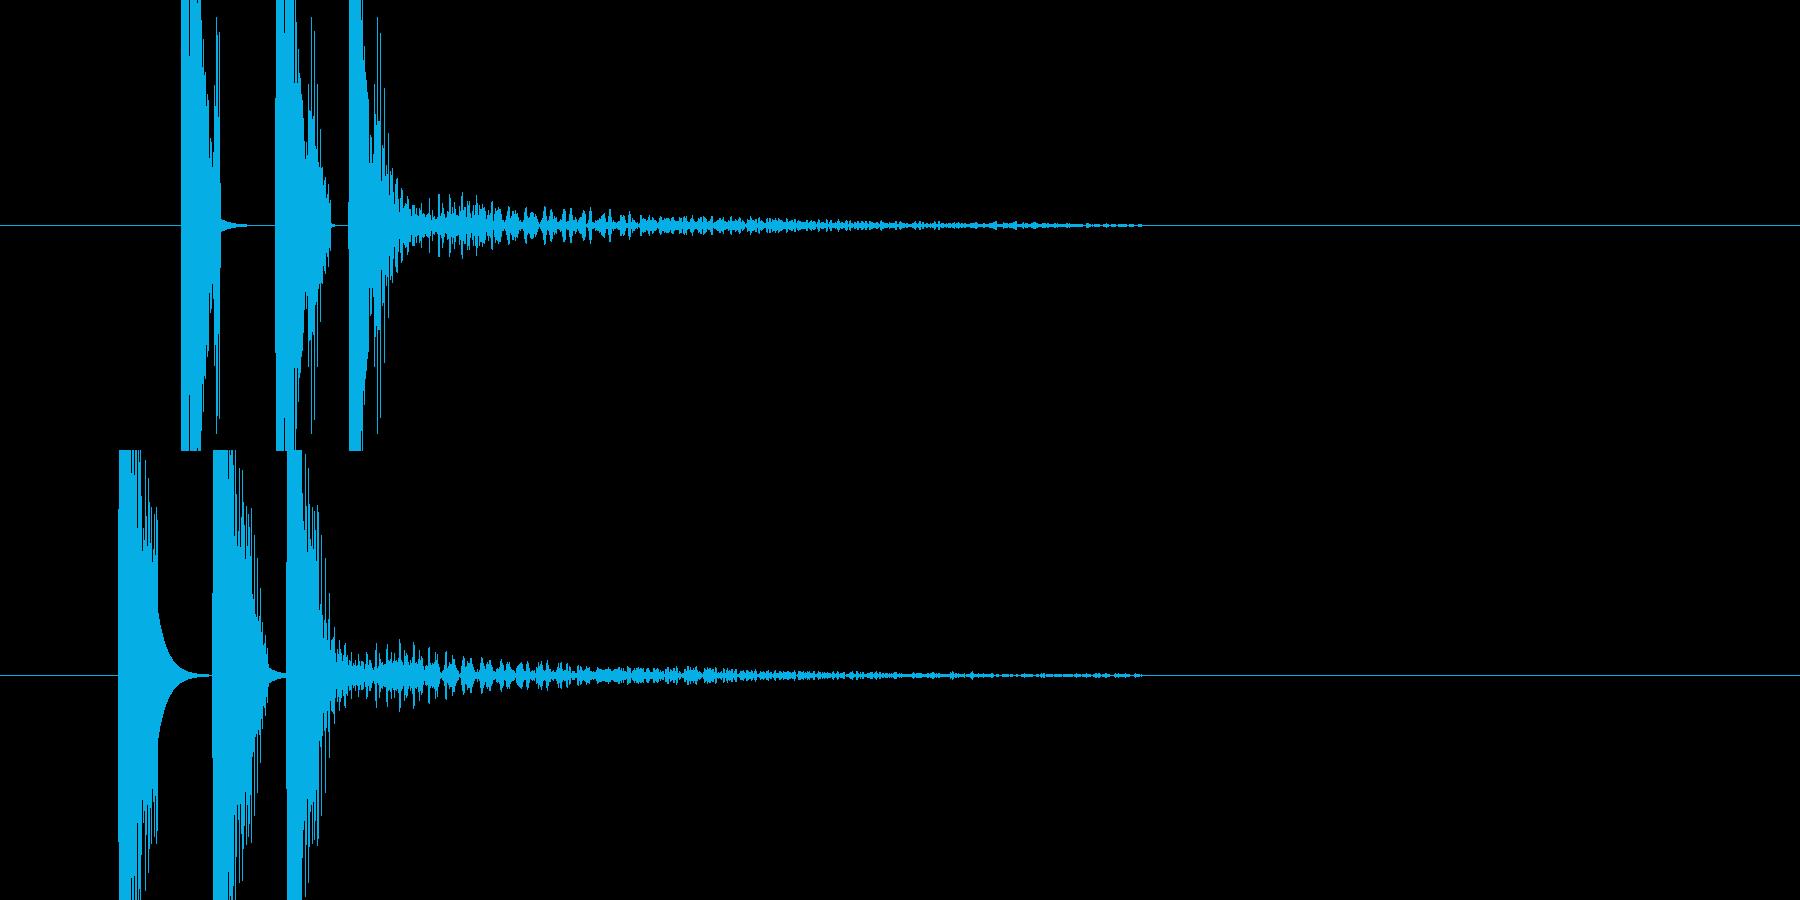 ヒュンの連打音(発射音)の再生済みの波形